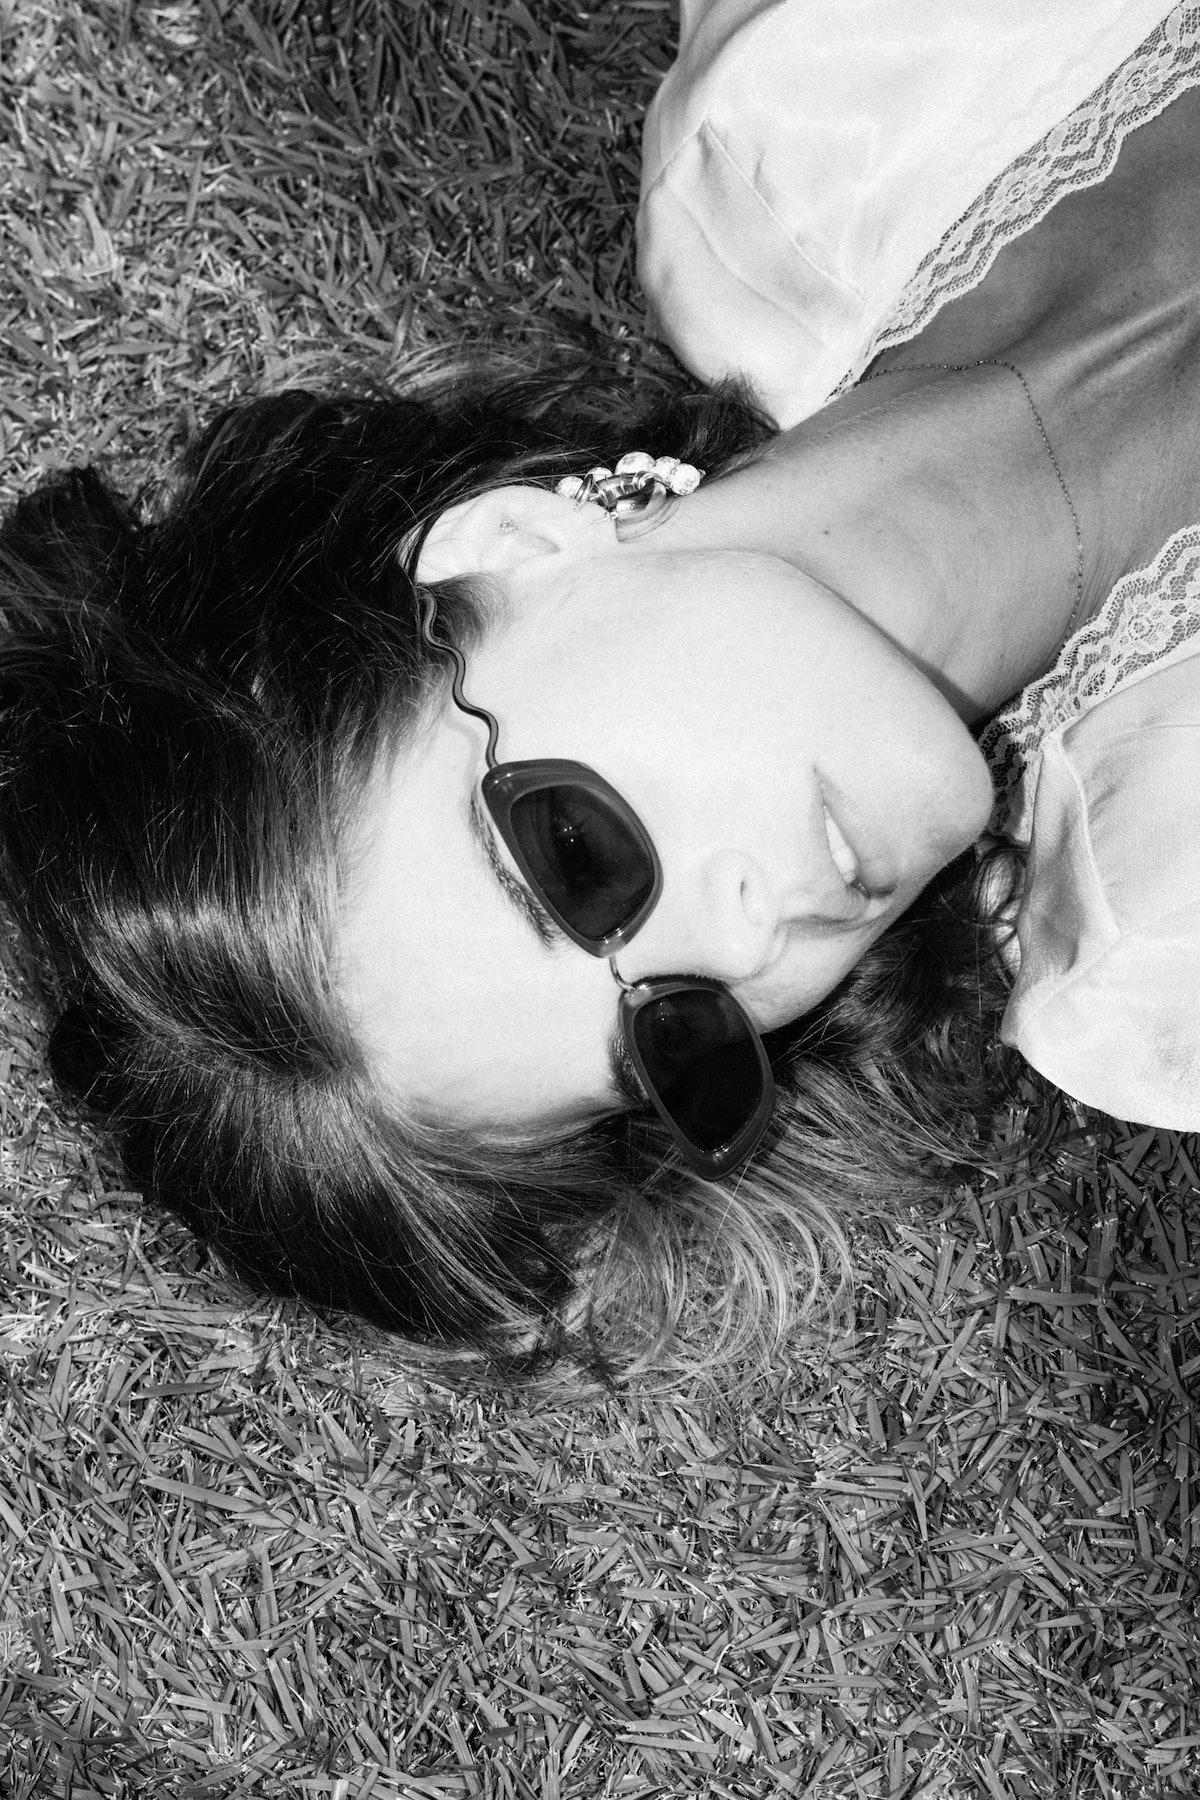 Samara Weaving wearing sunglasses